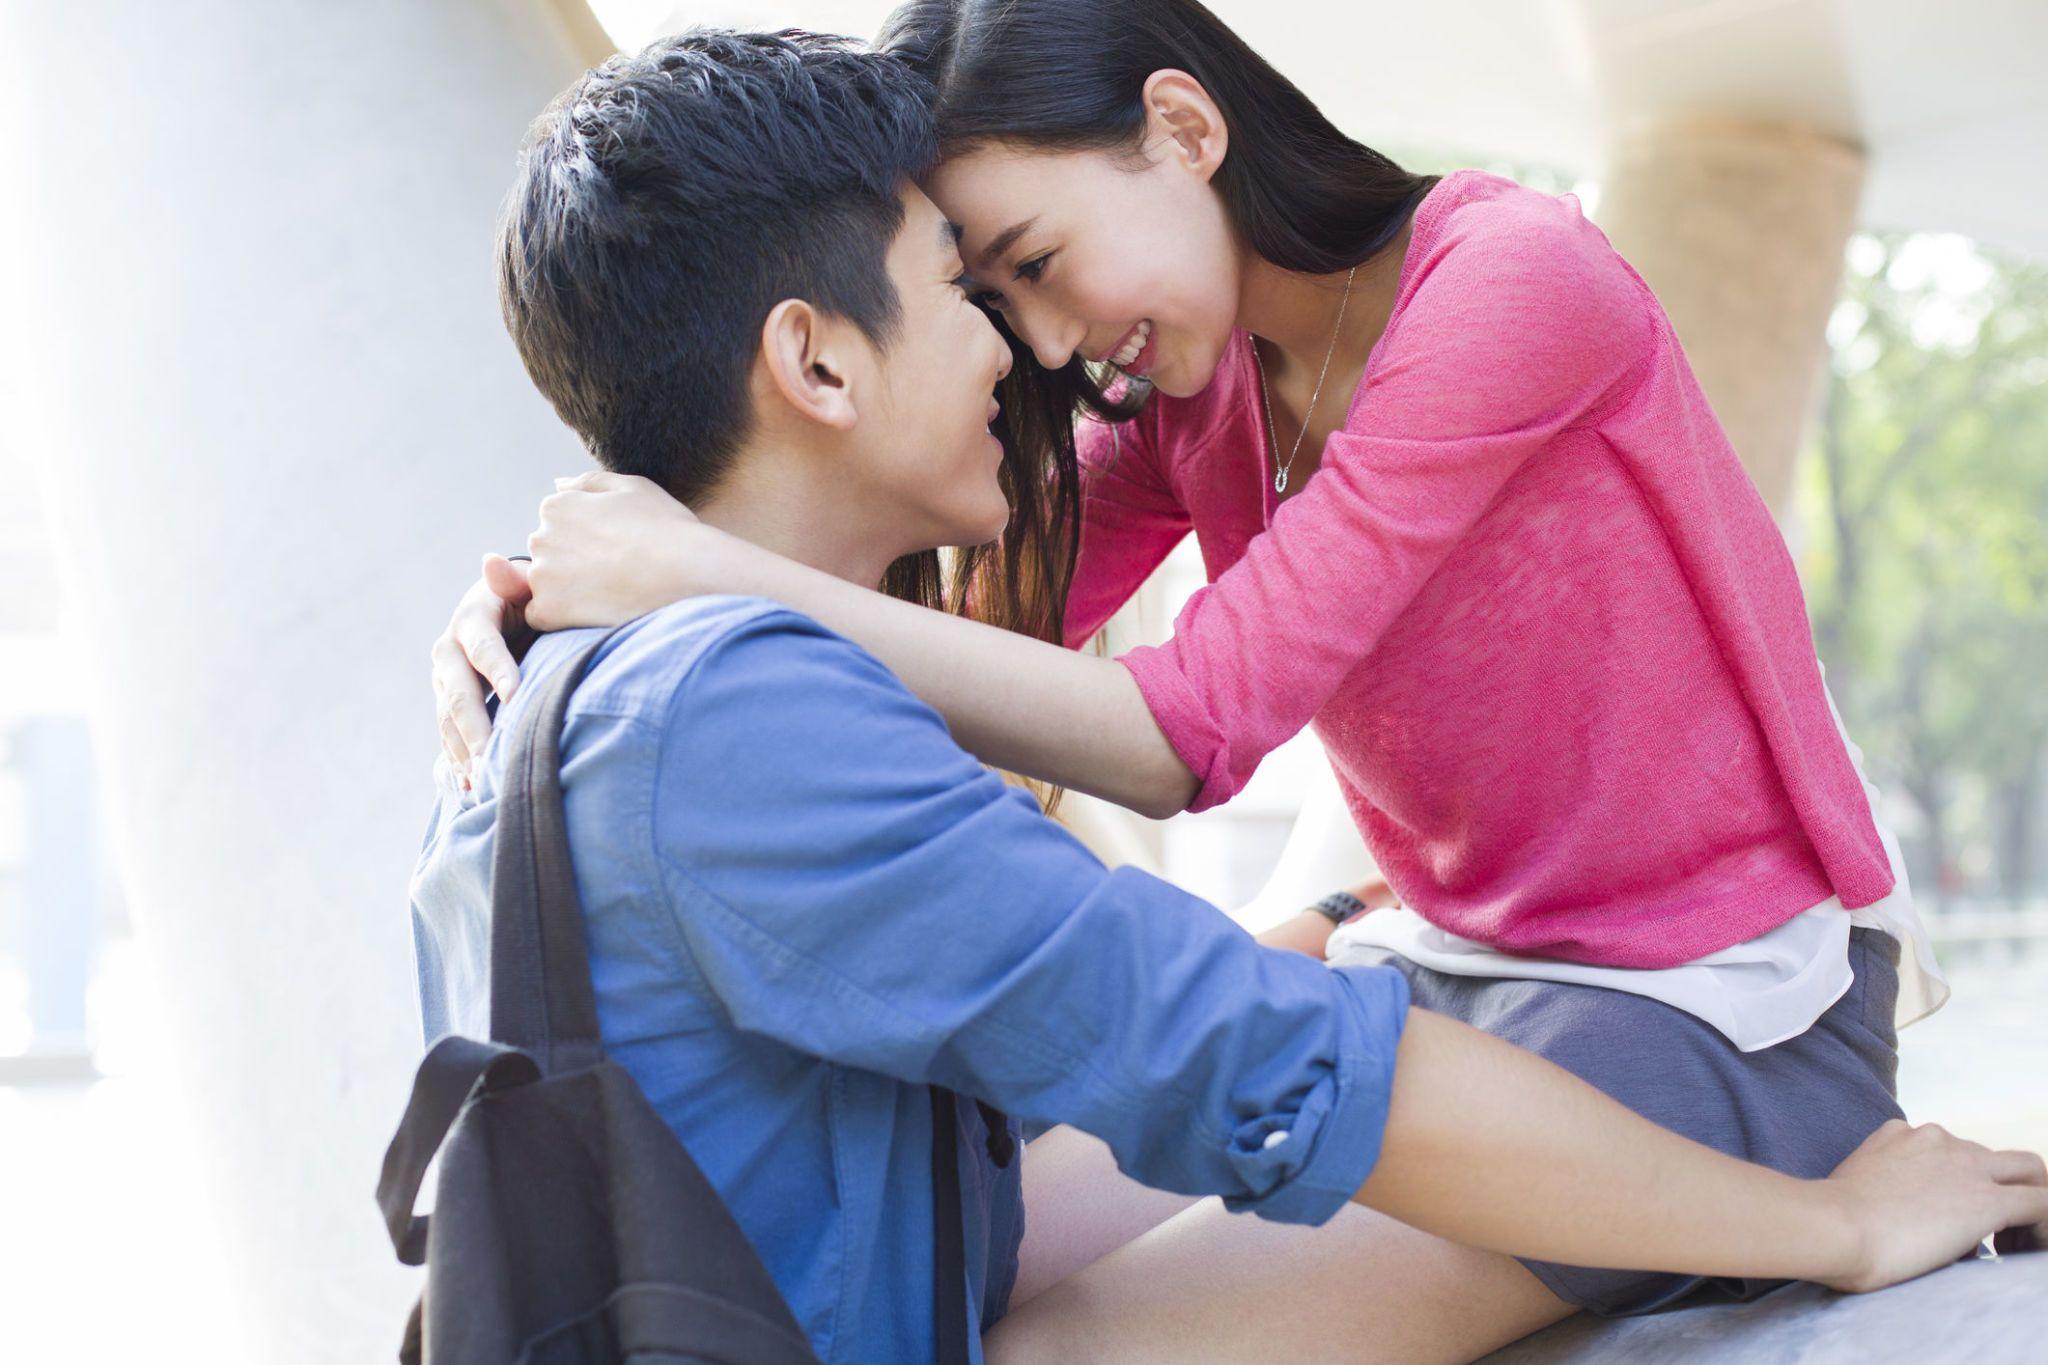 come attrarre un uomo sessualmente massaggi benessere milano